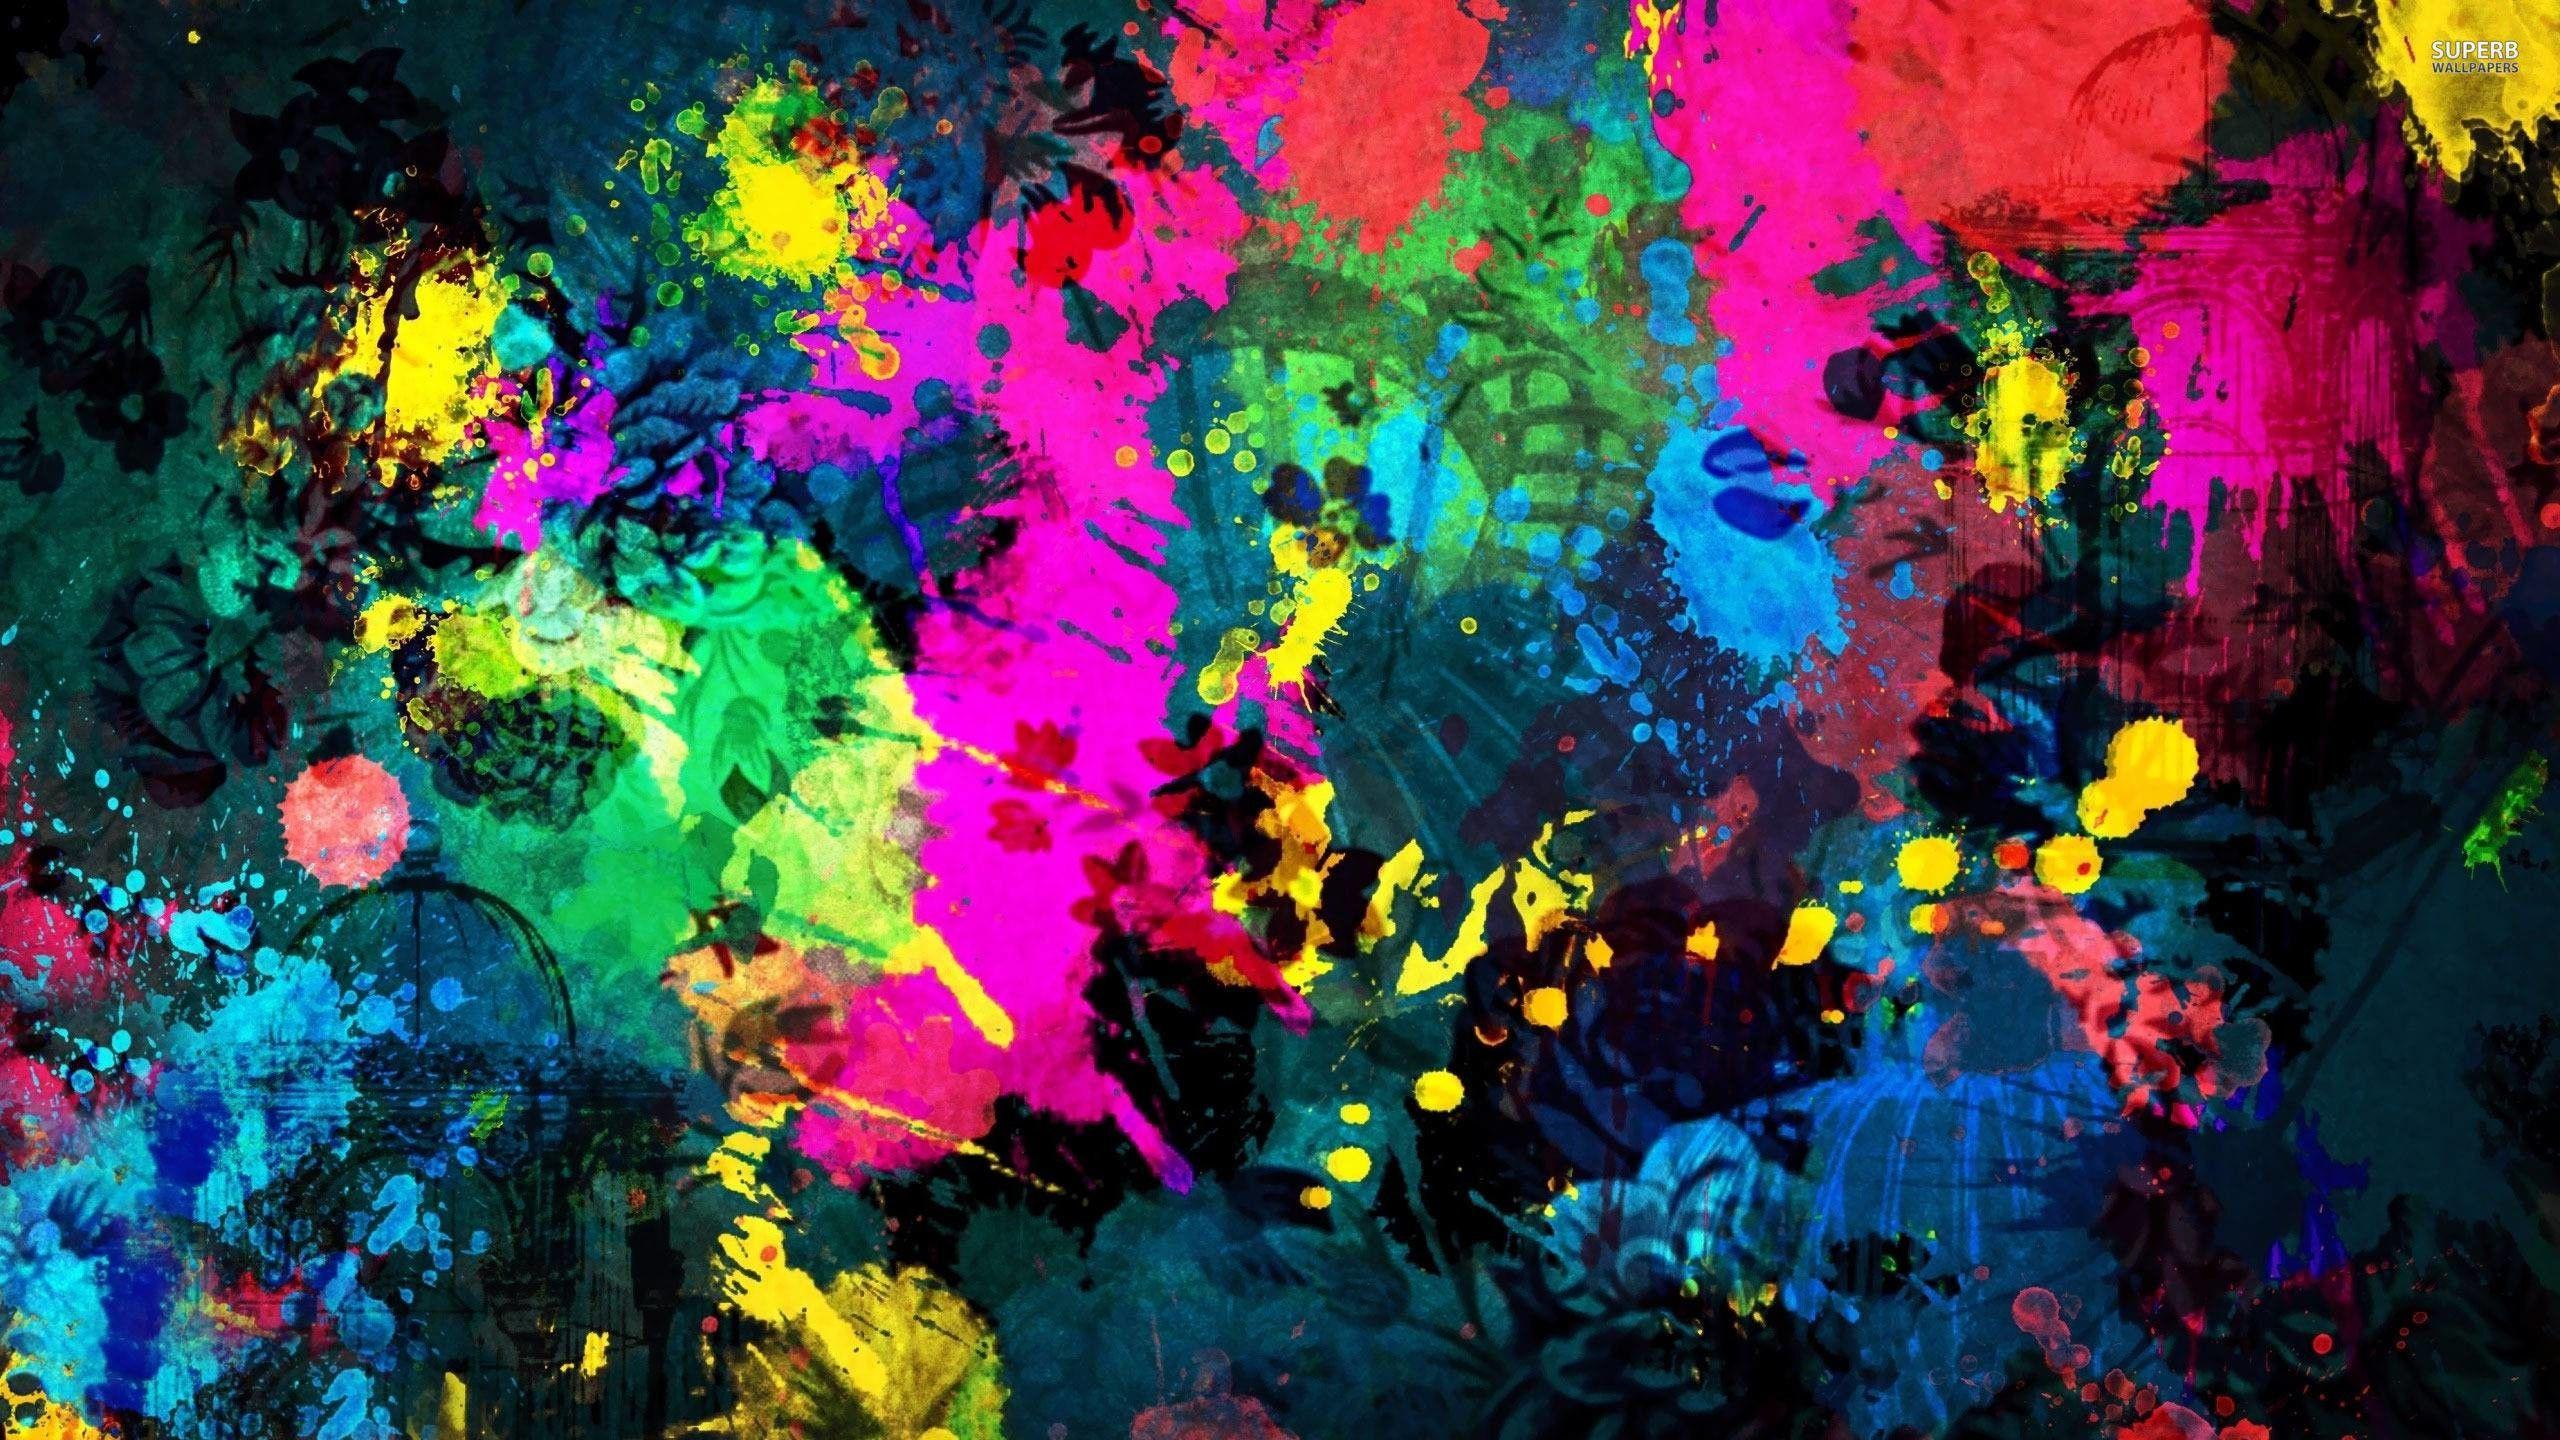 2560x1440 Paint Splatter Wallpaper Abstract Wallpapers 18804 Abstract Art Wallpaper Abstract Wallpaper Art Wallpaper